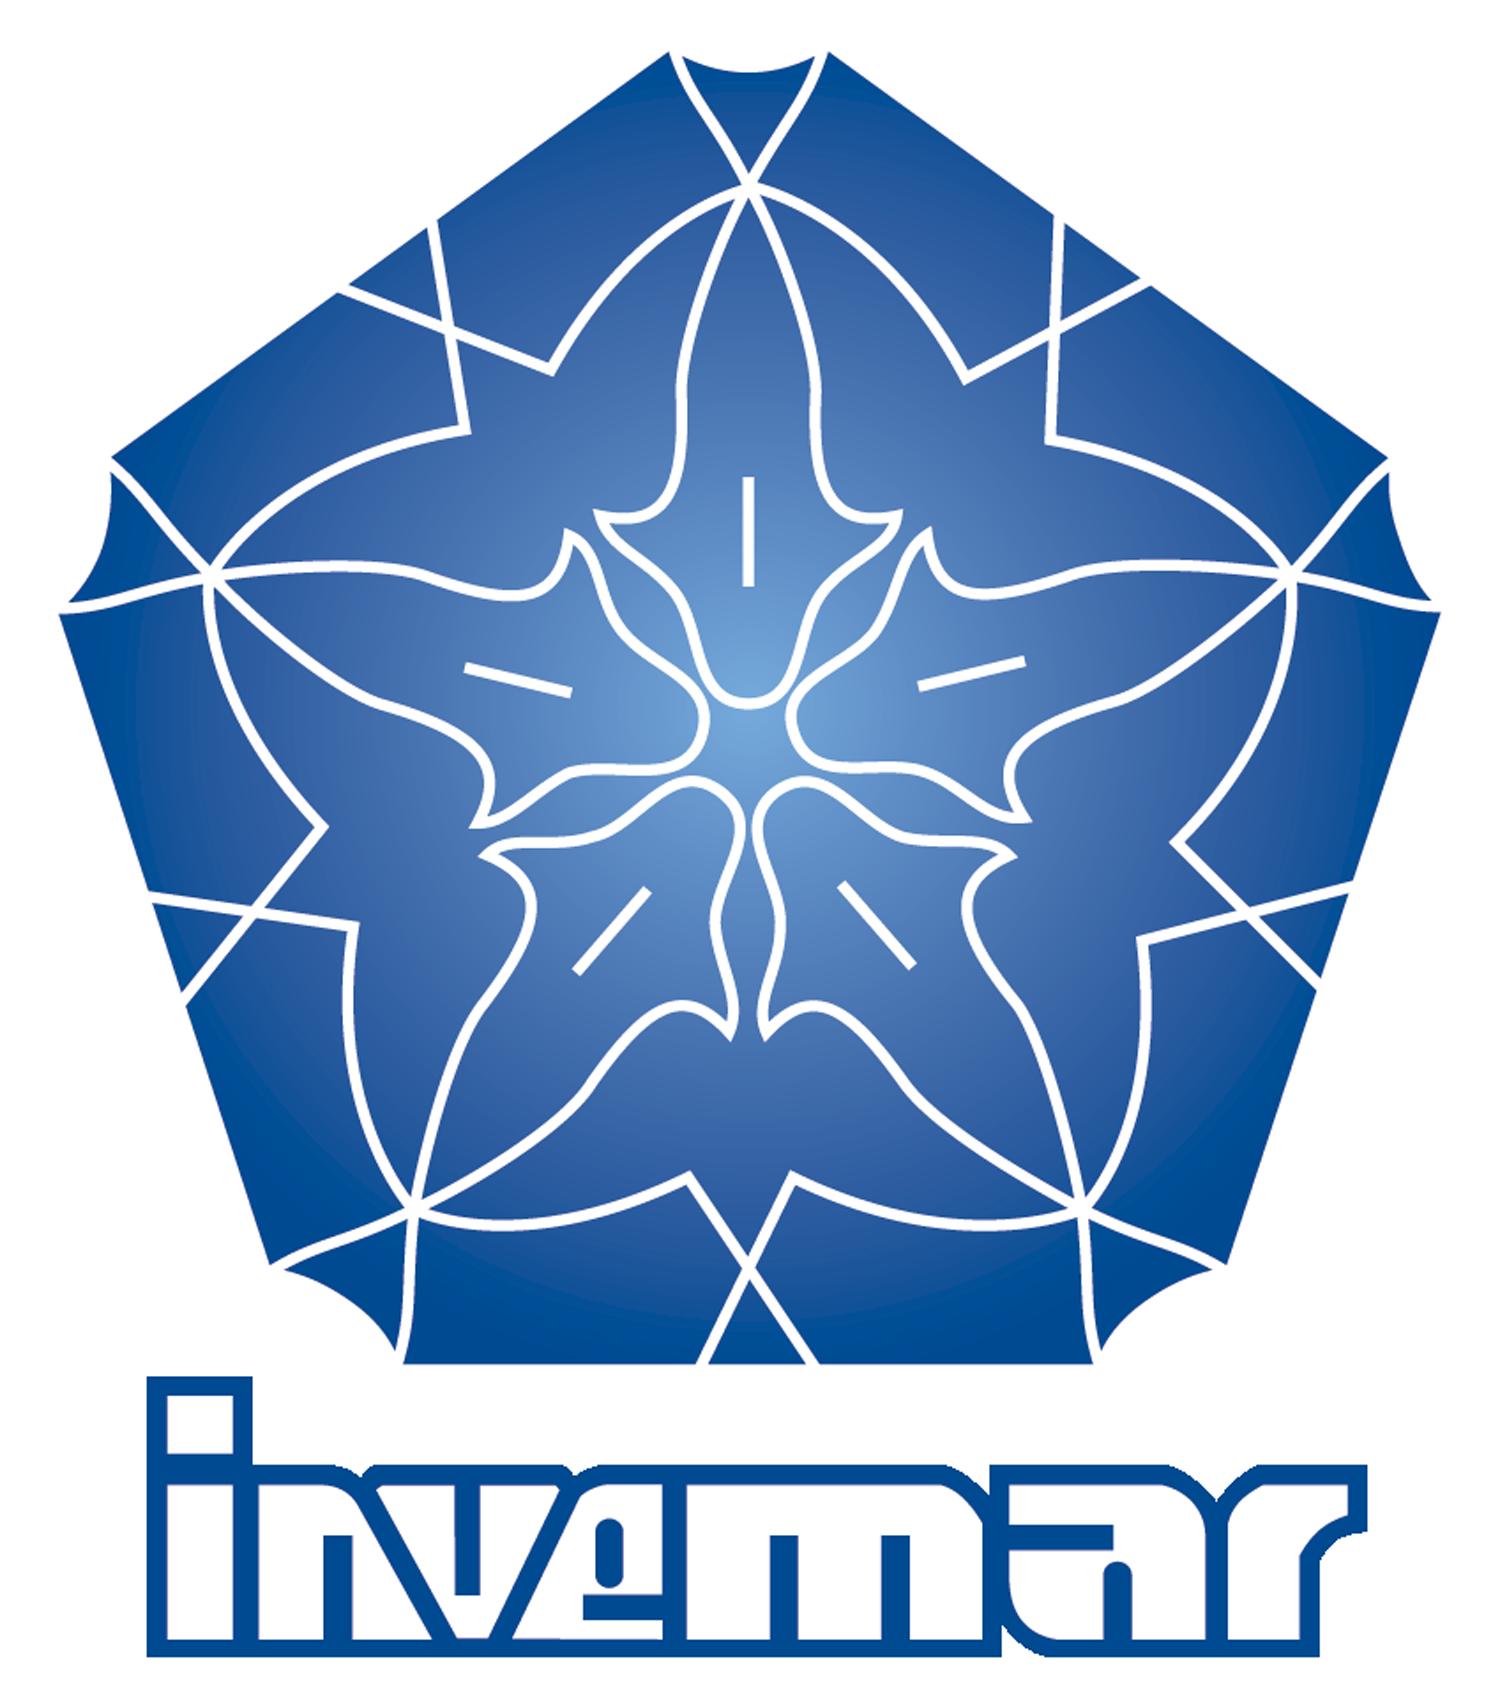 Logosimbolo oficial del INVEMAR